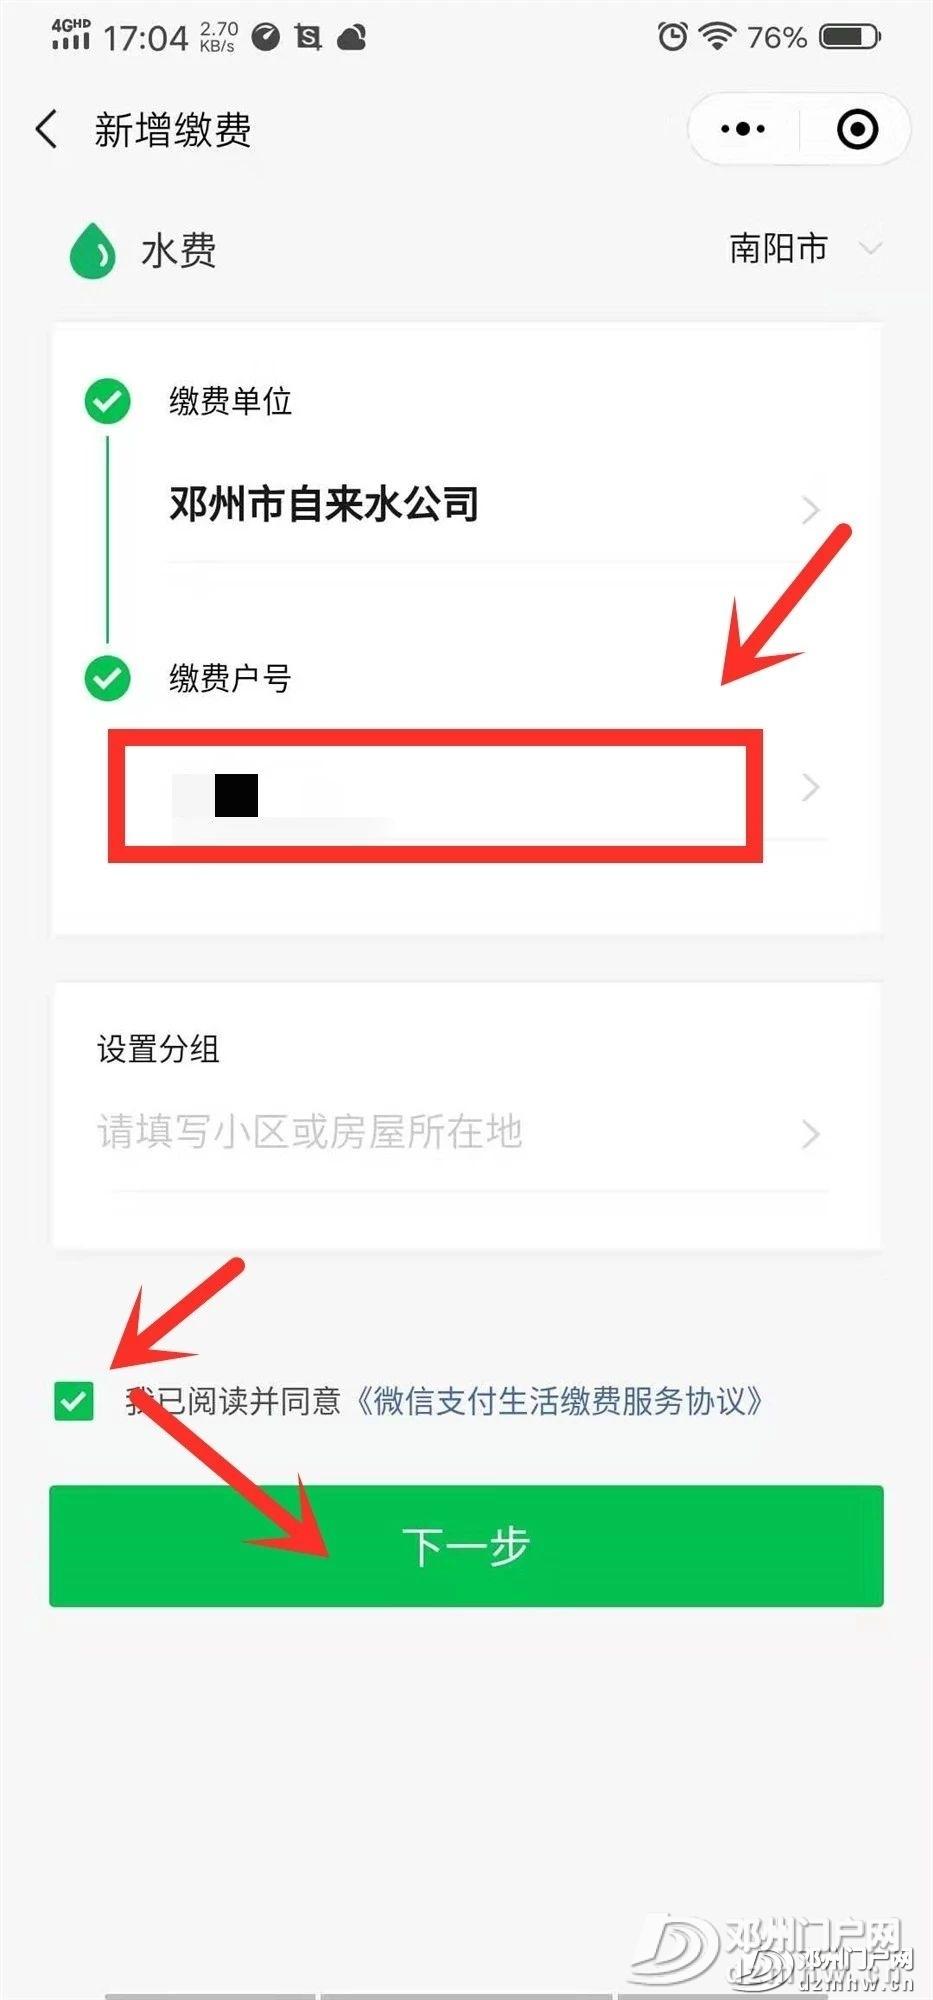 邓州市自来水公司开通微信生活缴费入口,以后更方便了 - 邓州门户网 邓州网 - 11c2473984595e440548258aaf83aae8.jpg